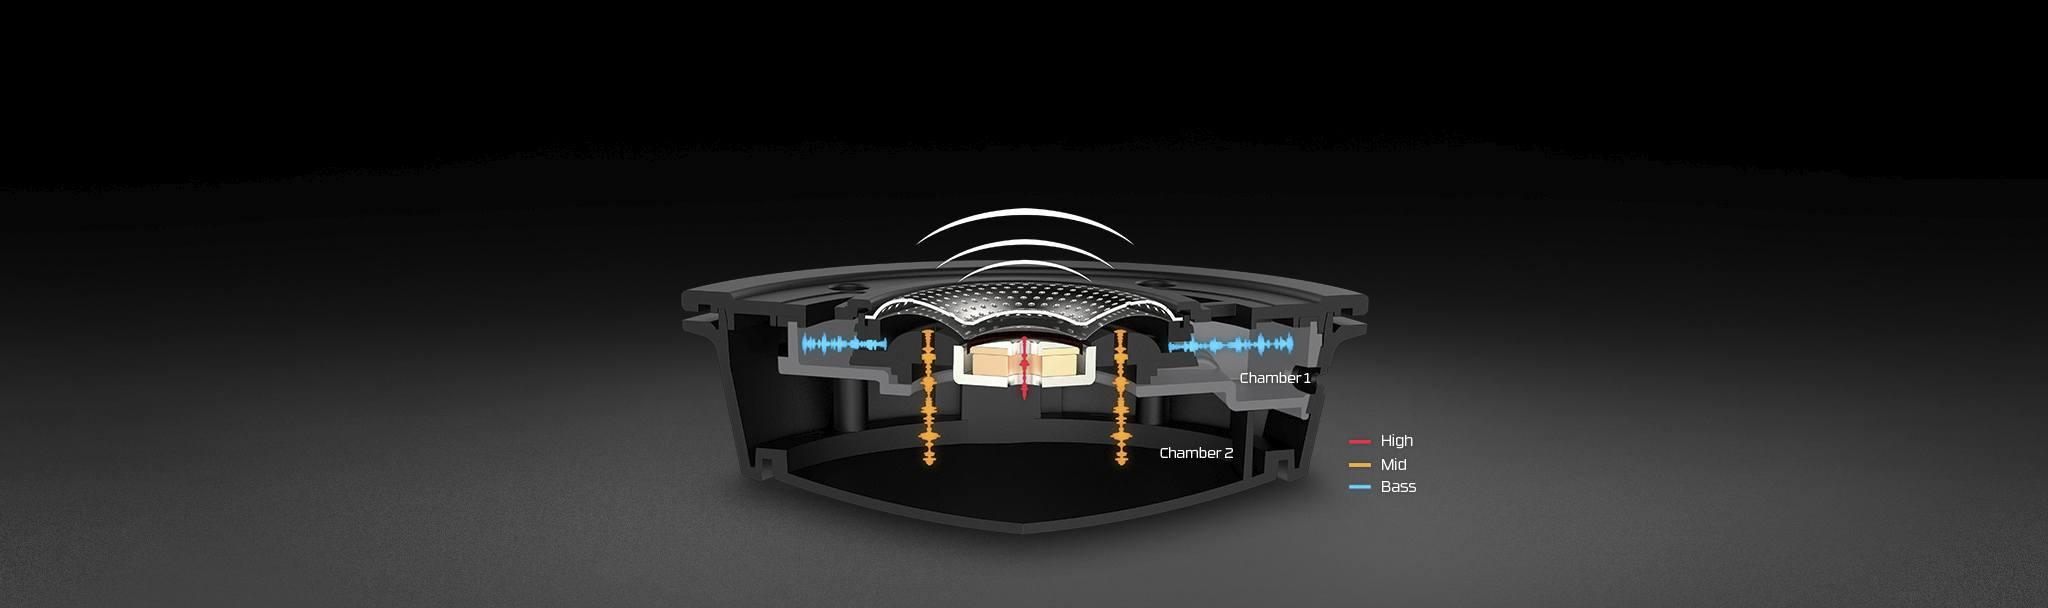 Tai nghe Kingston HyperX Cloud Alpha S Black HX-HSCAS-BK/WW có thiết kế driver 2 khoang cho âm thanh sống động